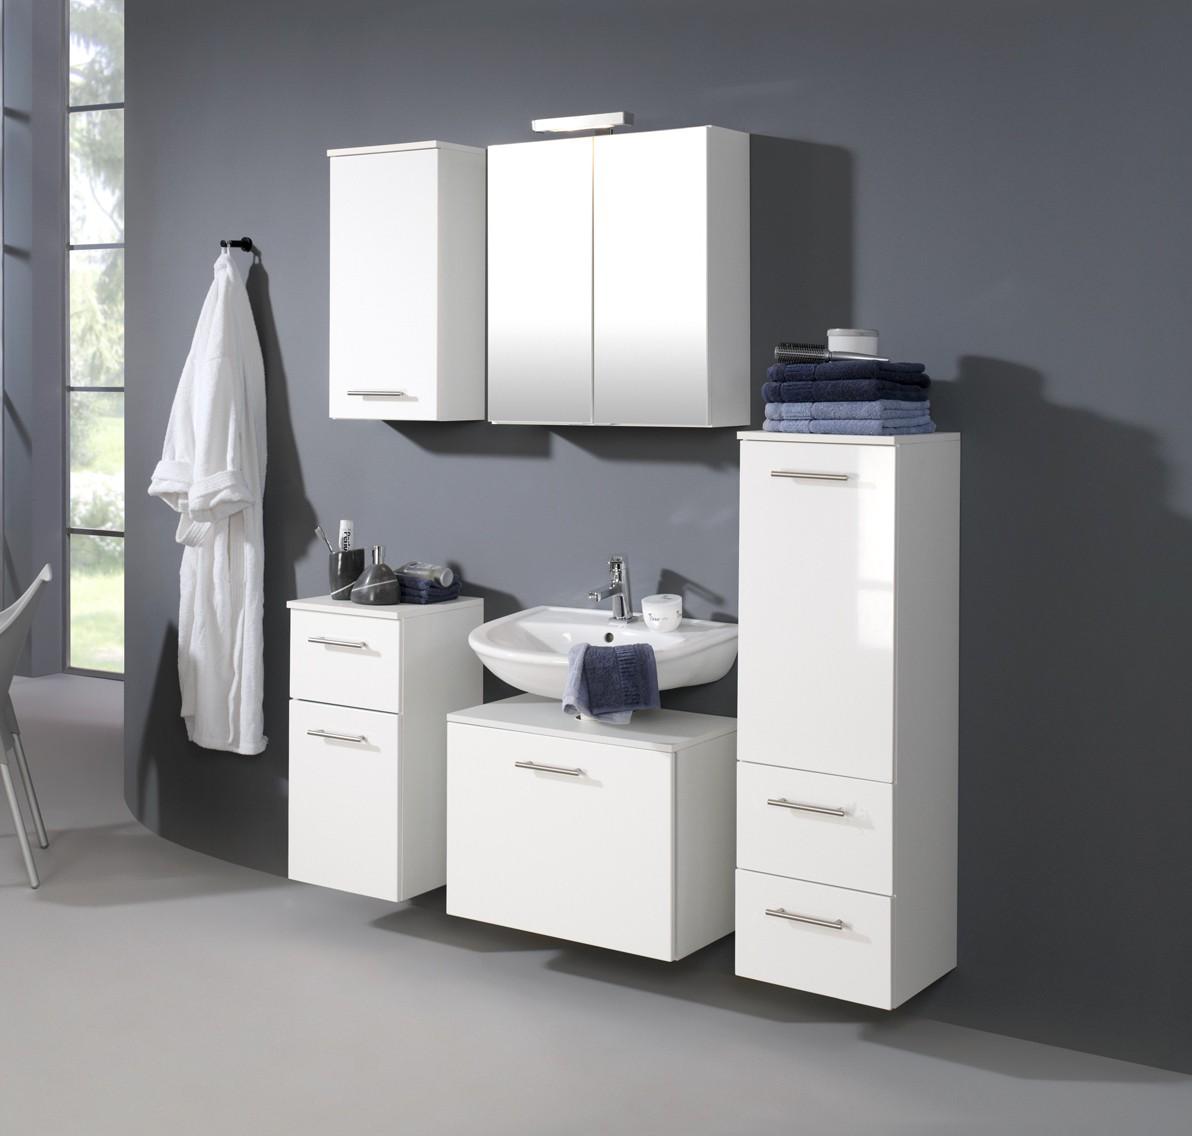 bad waschbeckenunterschrank blanco 1 auszug 60 cm breit hochglanz wei bad. Black Bedroom Furniture Sets. Home Design Ideas